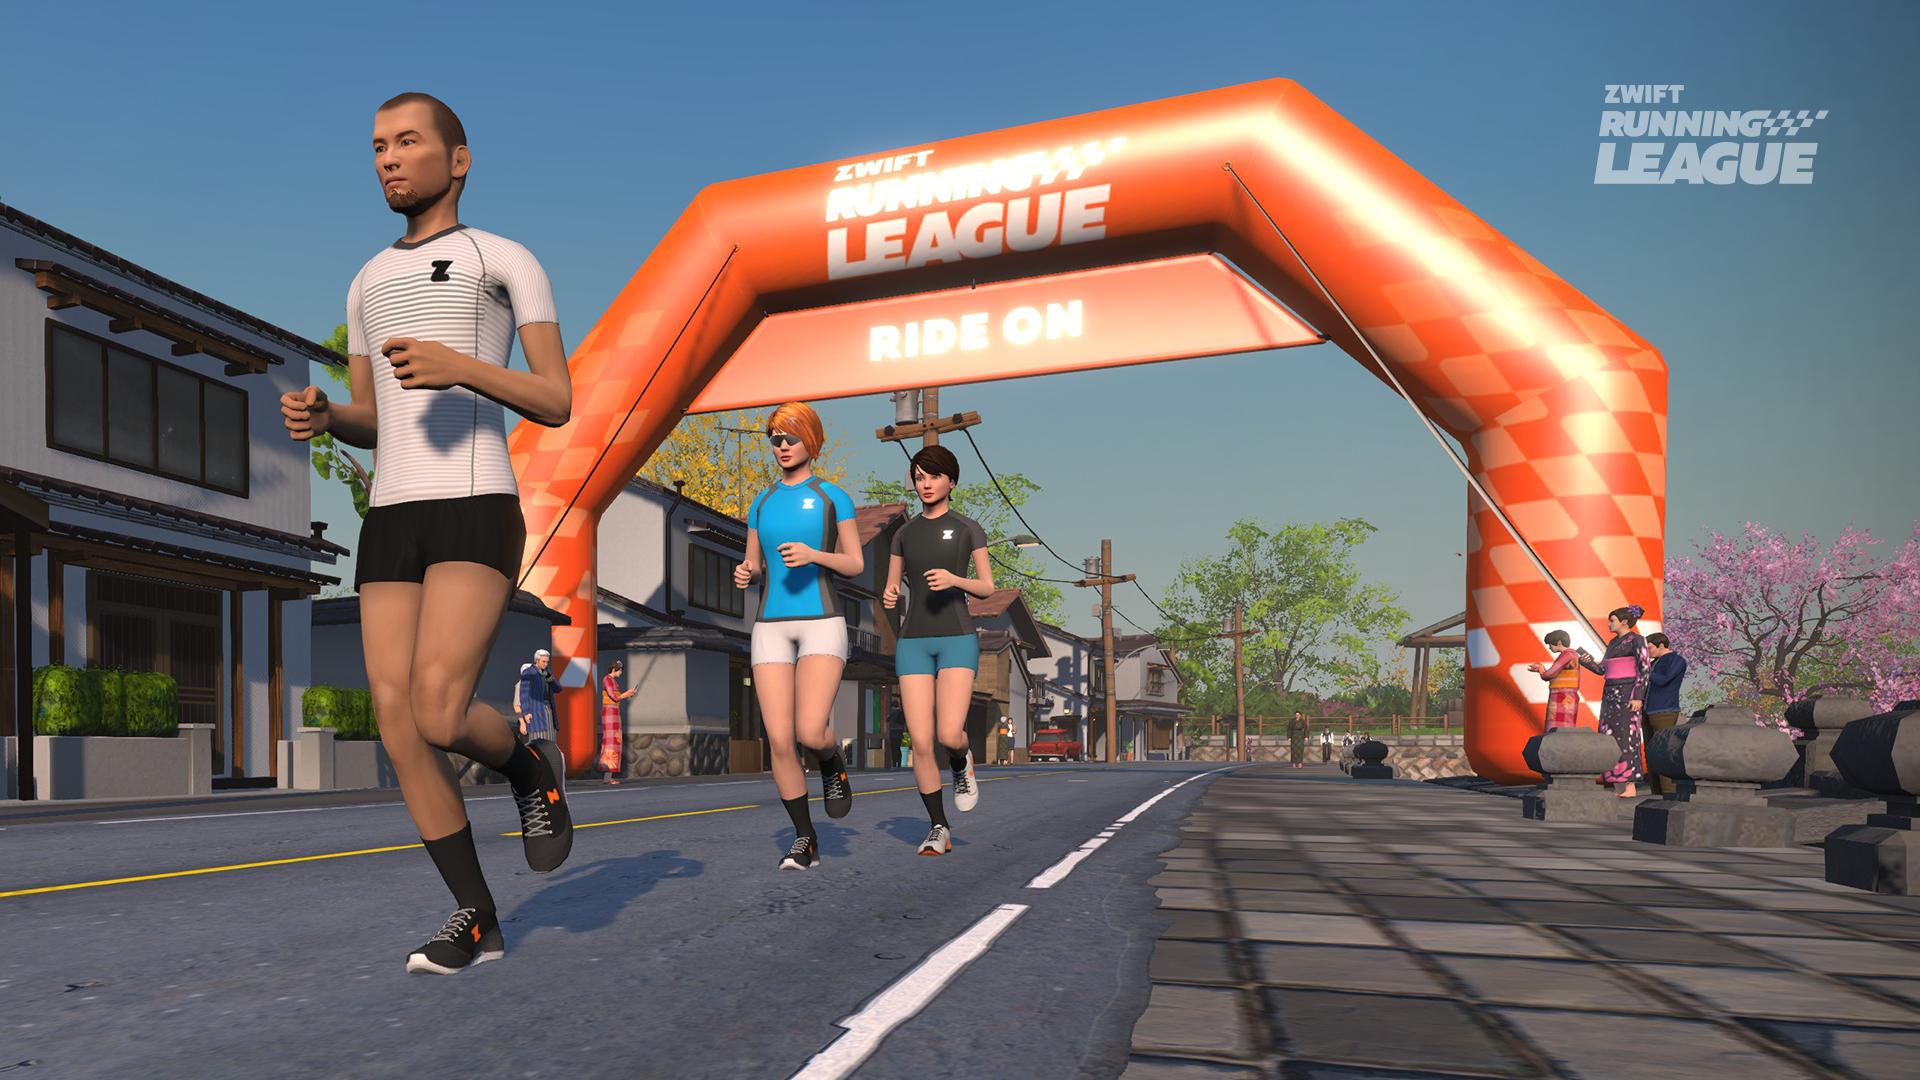 Zwift Running League